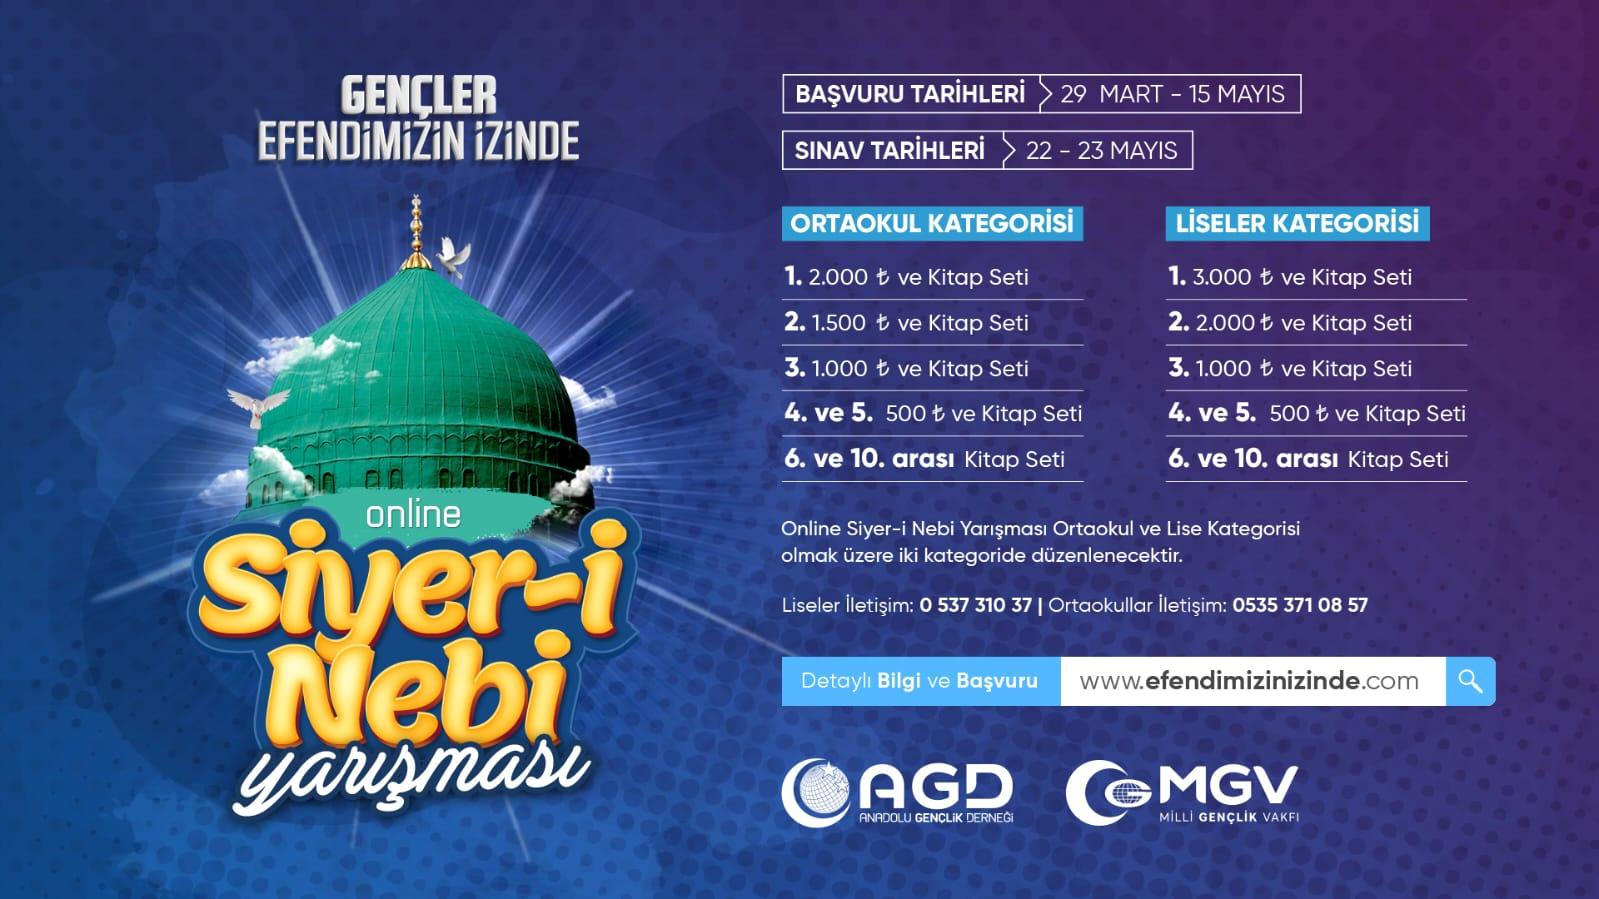 AGD'den Online Siyer-i Nebi Yarışması